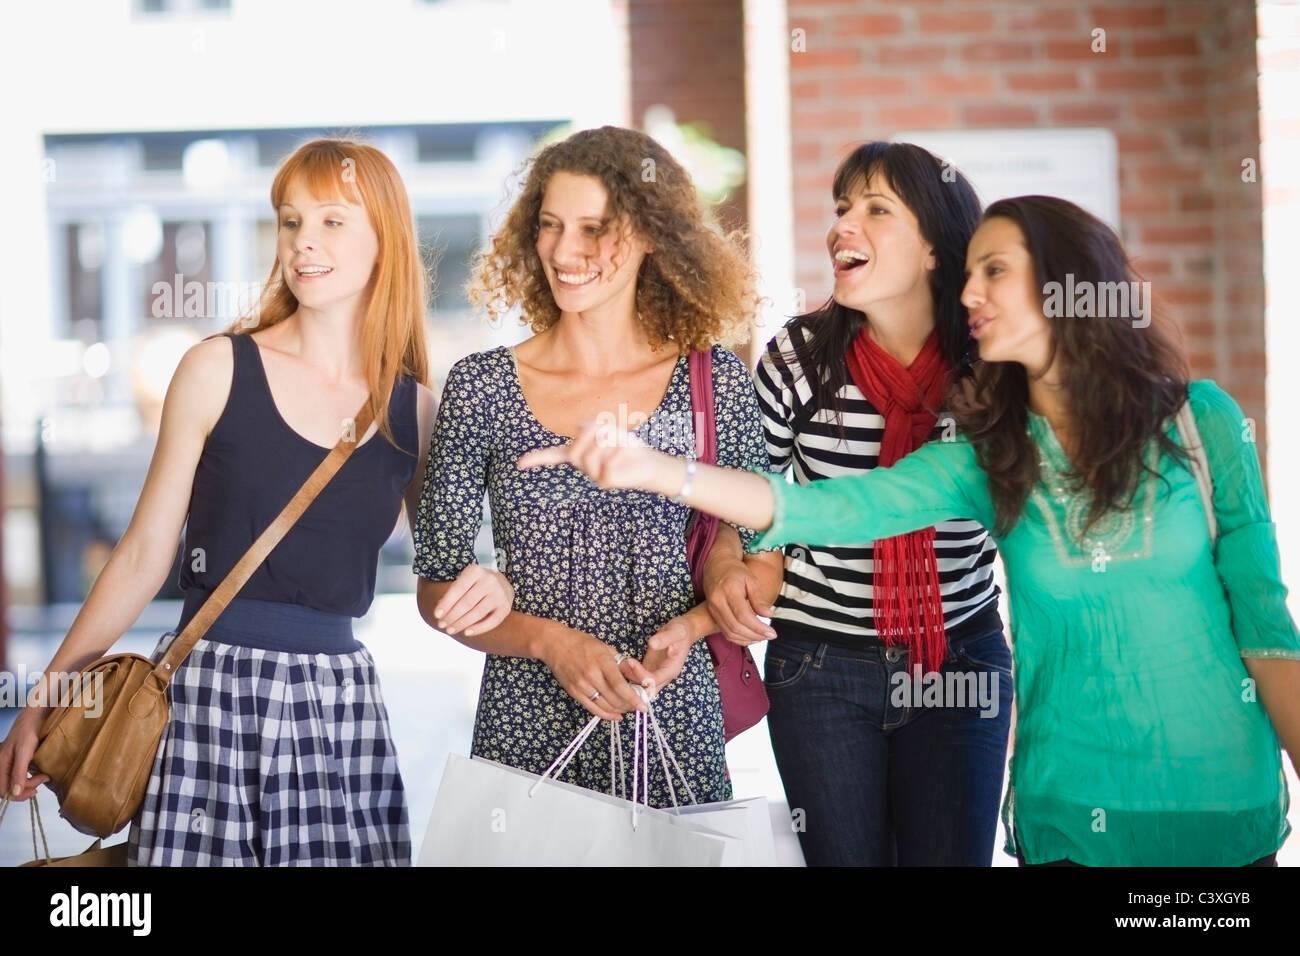 4 Girls on  shoping tour - Stock Image